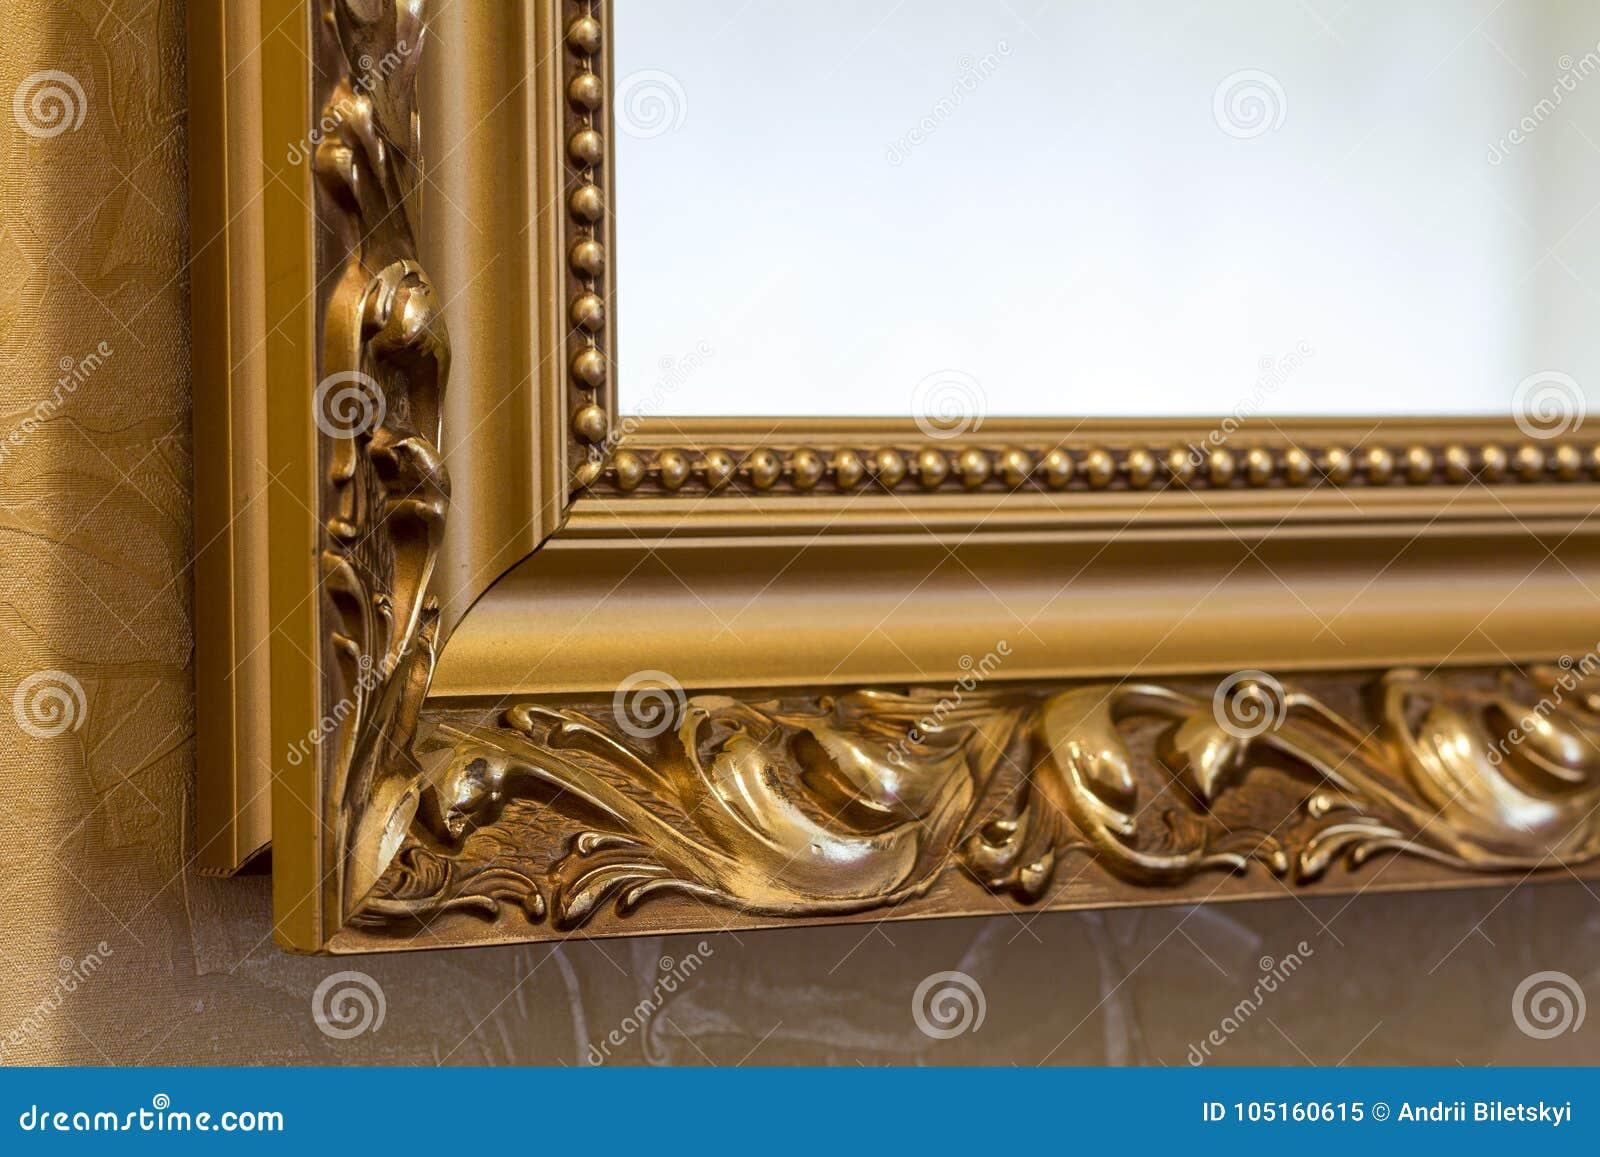 Część ozdobny, złoty kolor, rzeźbił lustro ramę w antycznym